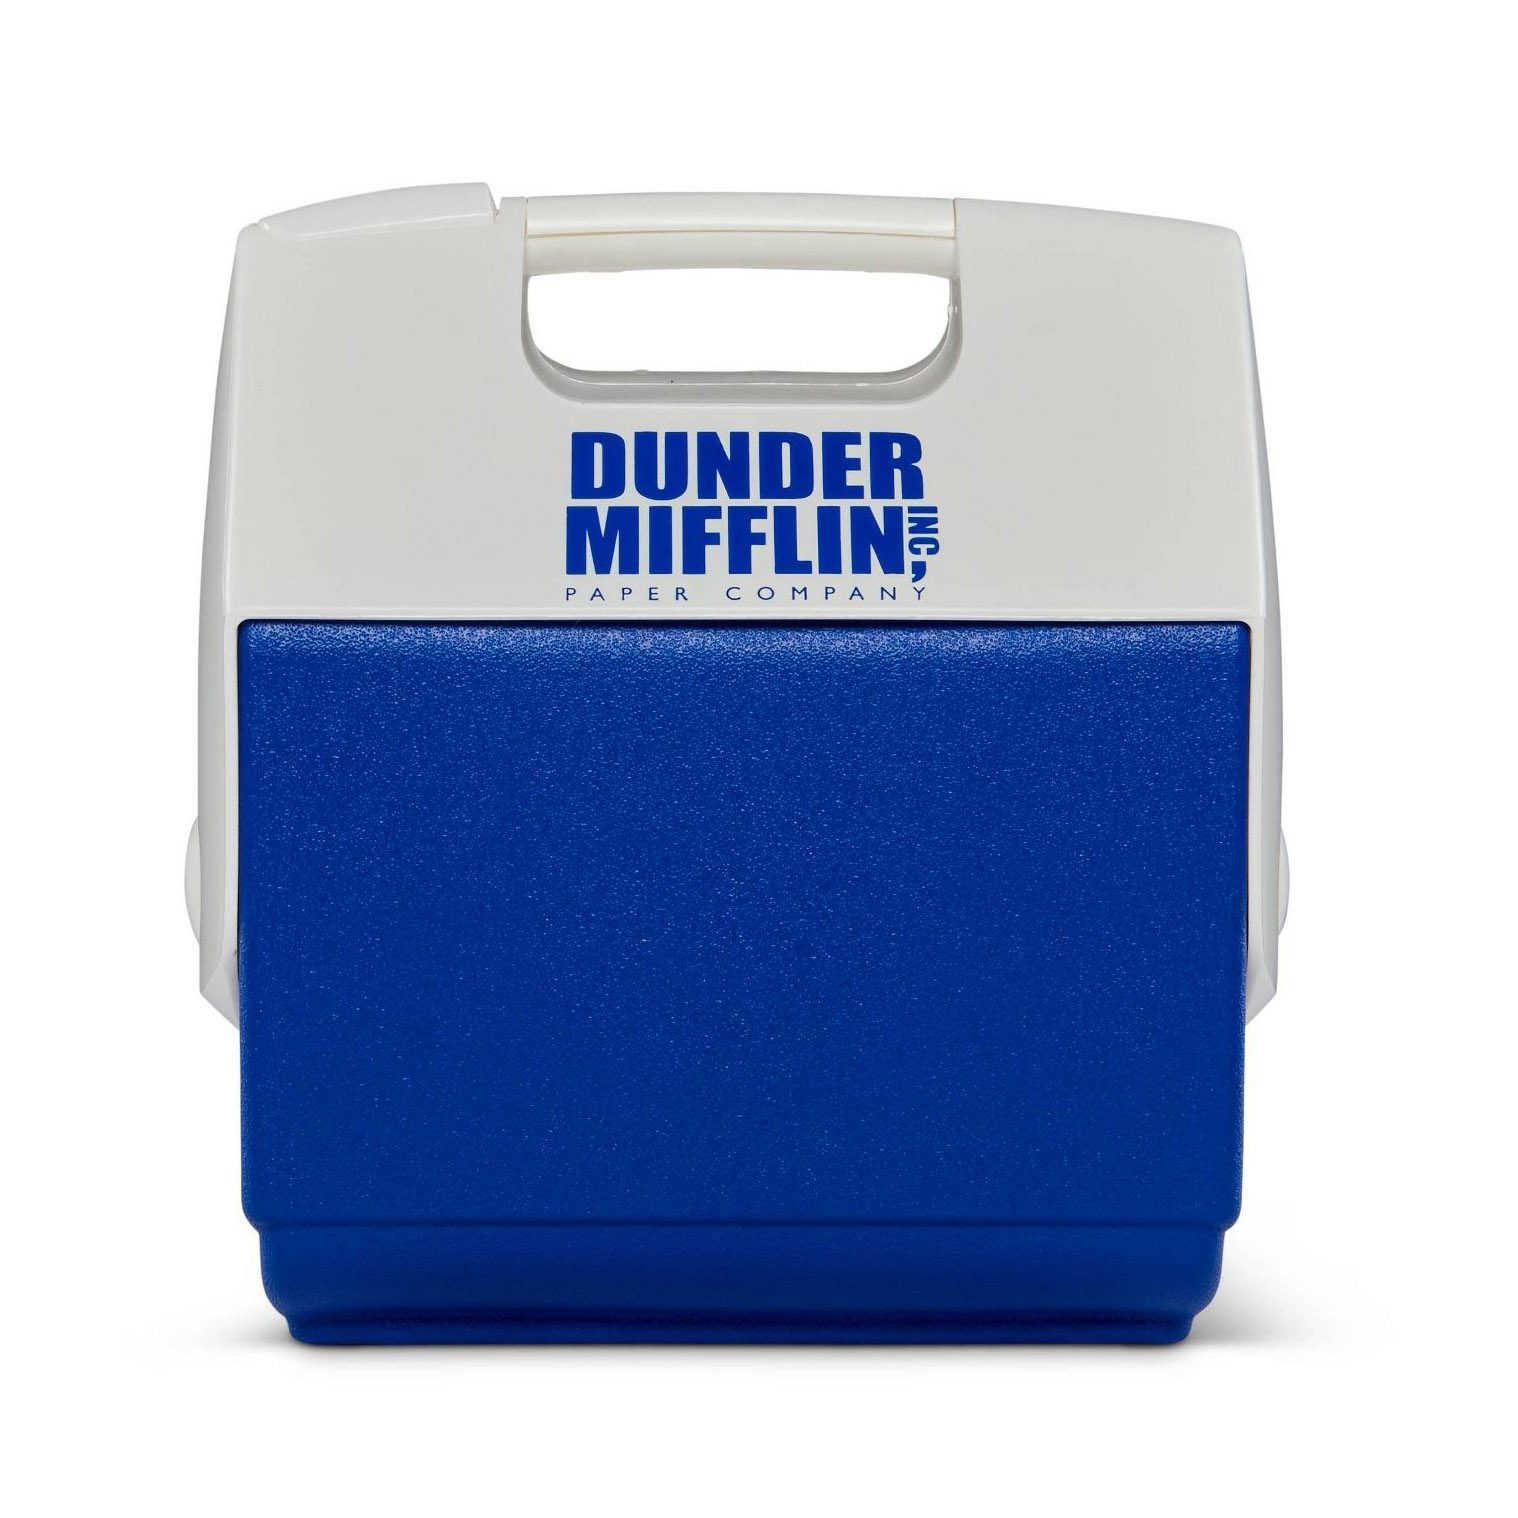 Igloo Playmate Pal Dunder Mifflin Portable Cooler